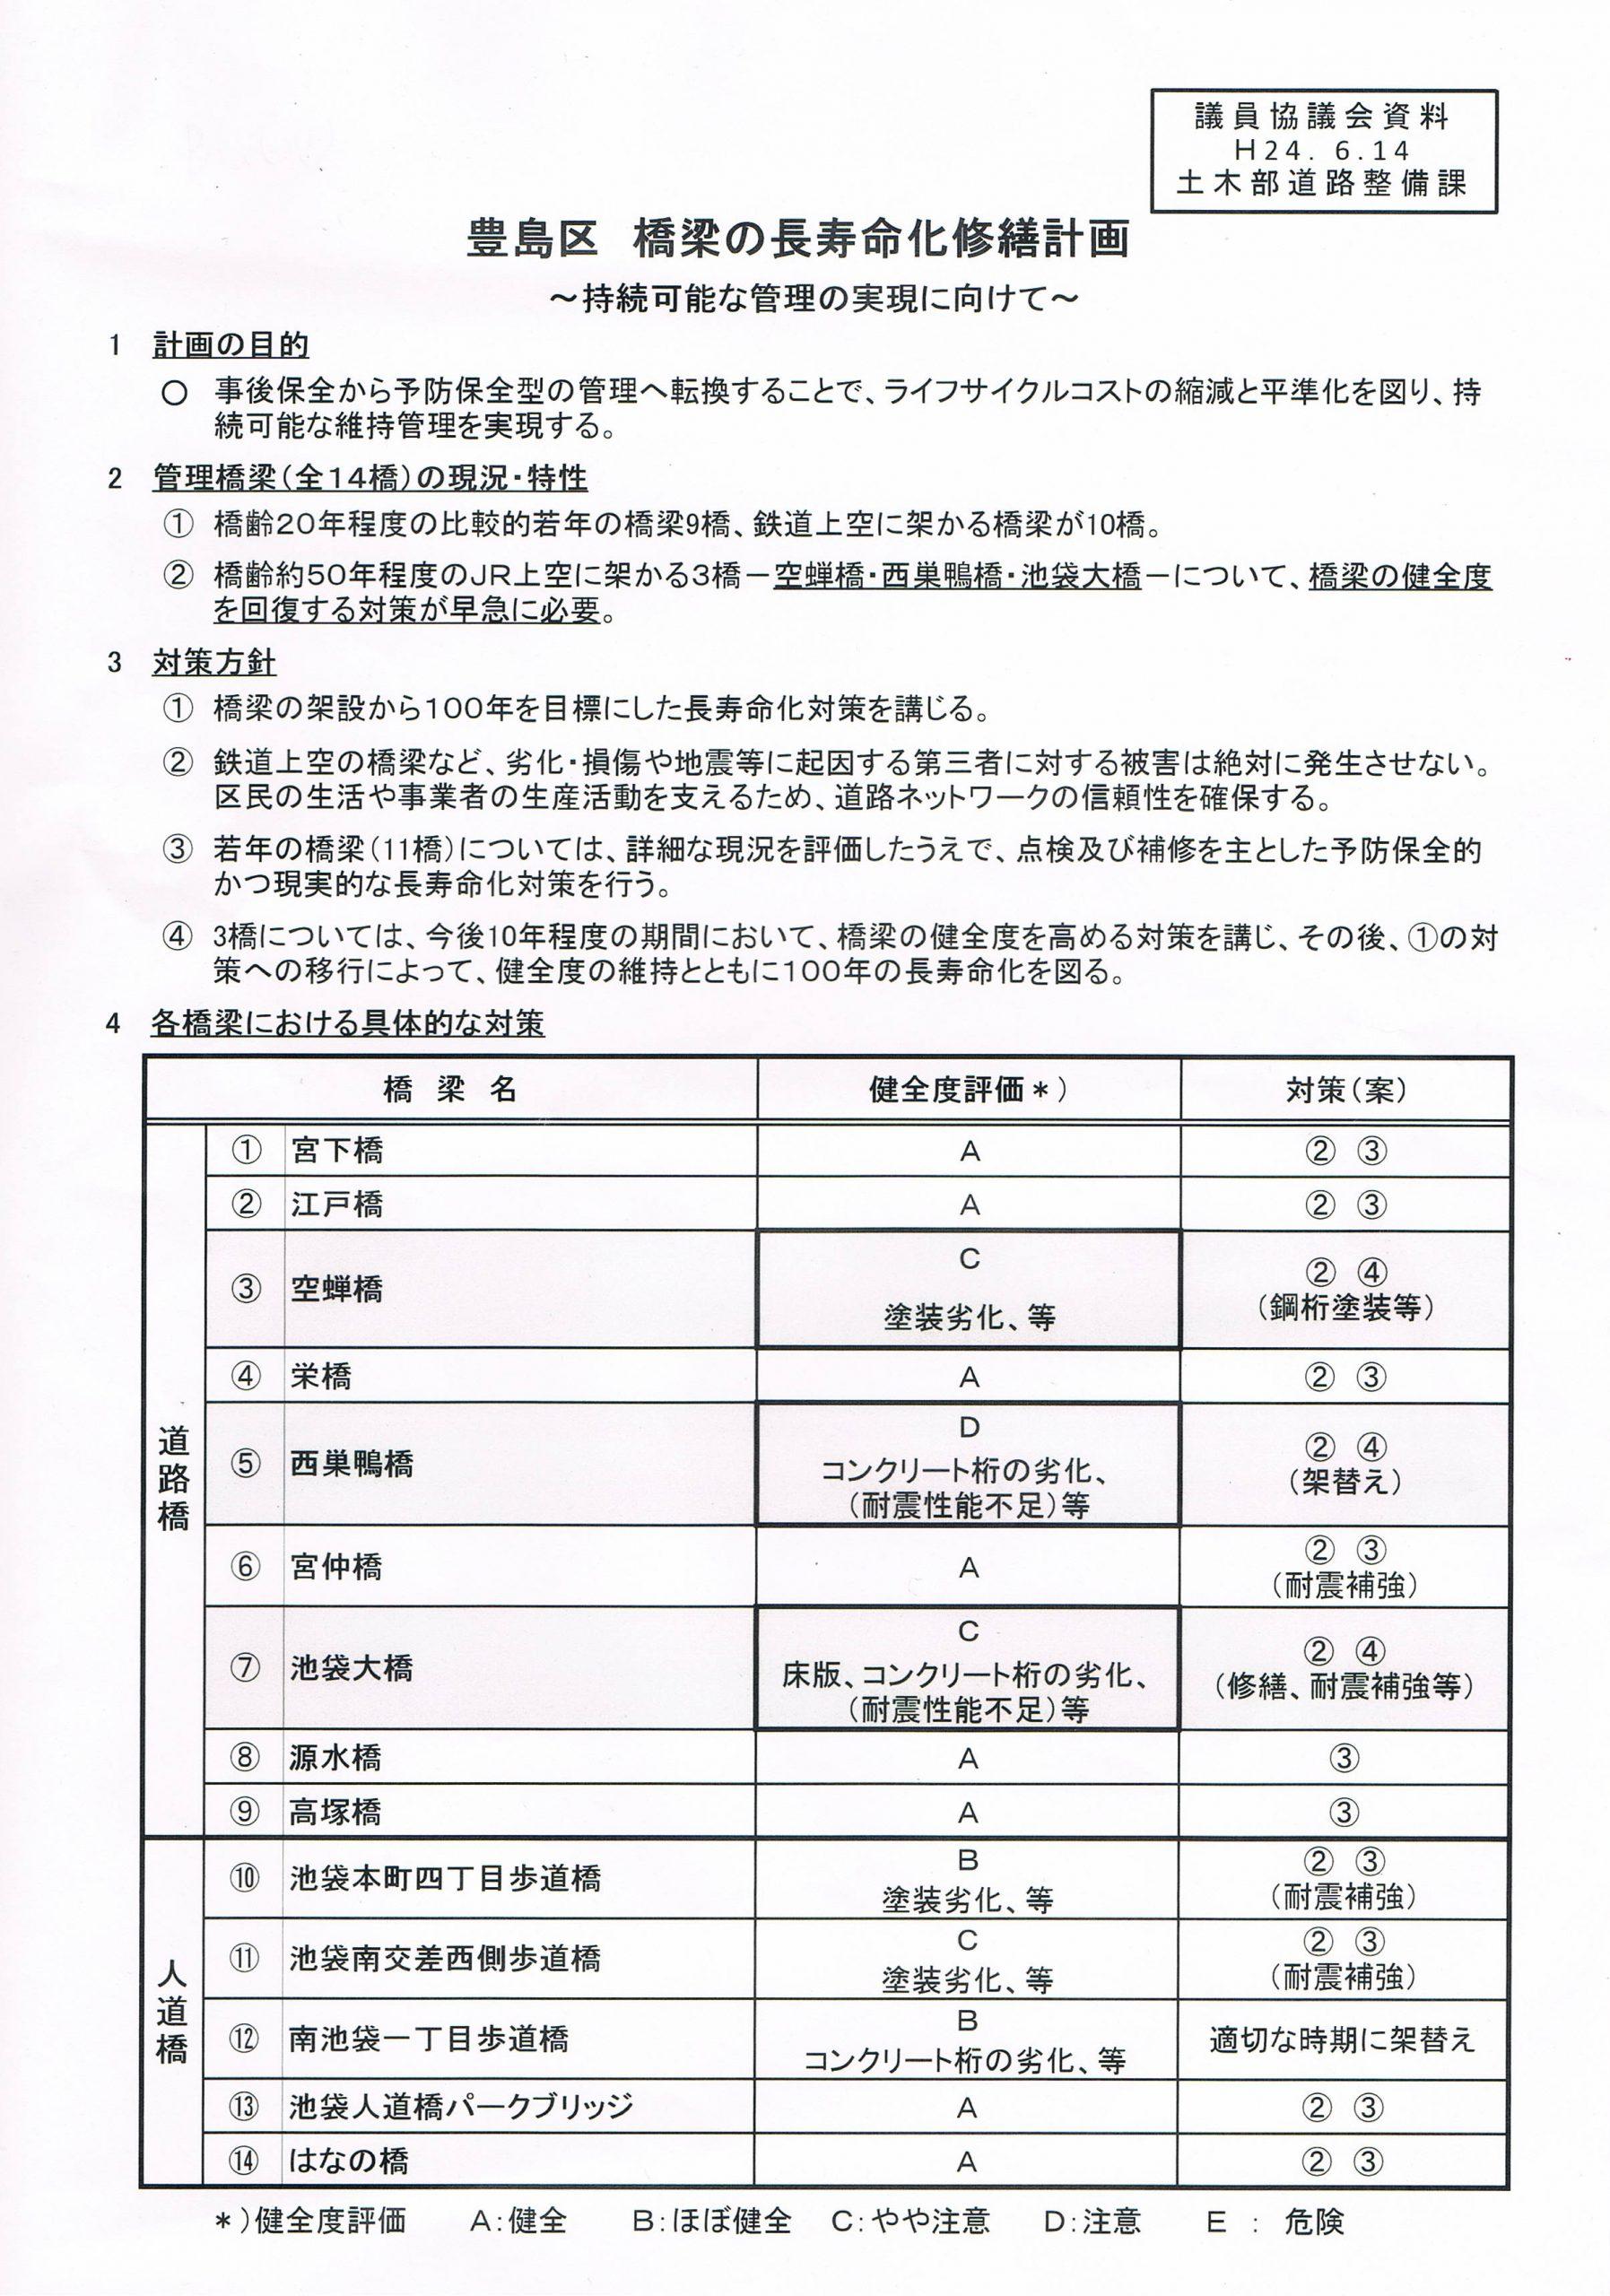 豊島区 小林弘明 無所属 維新 政治 選挙